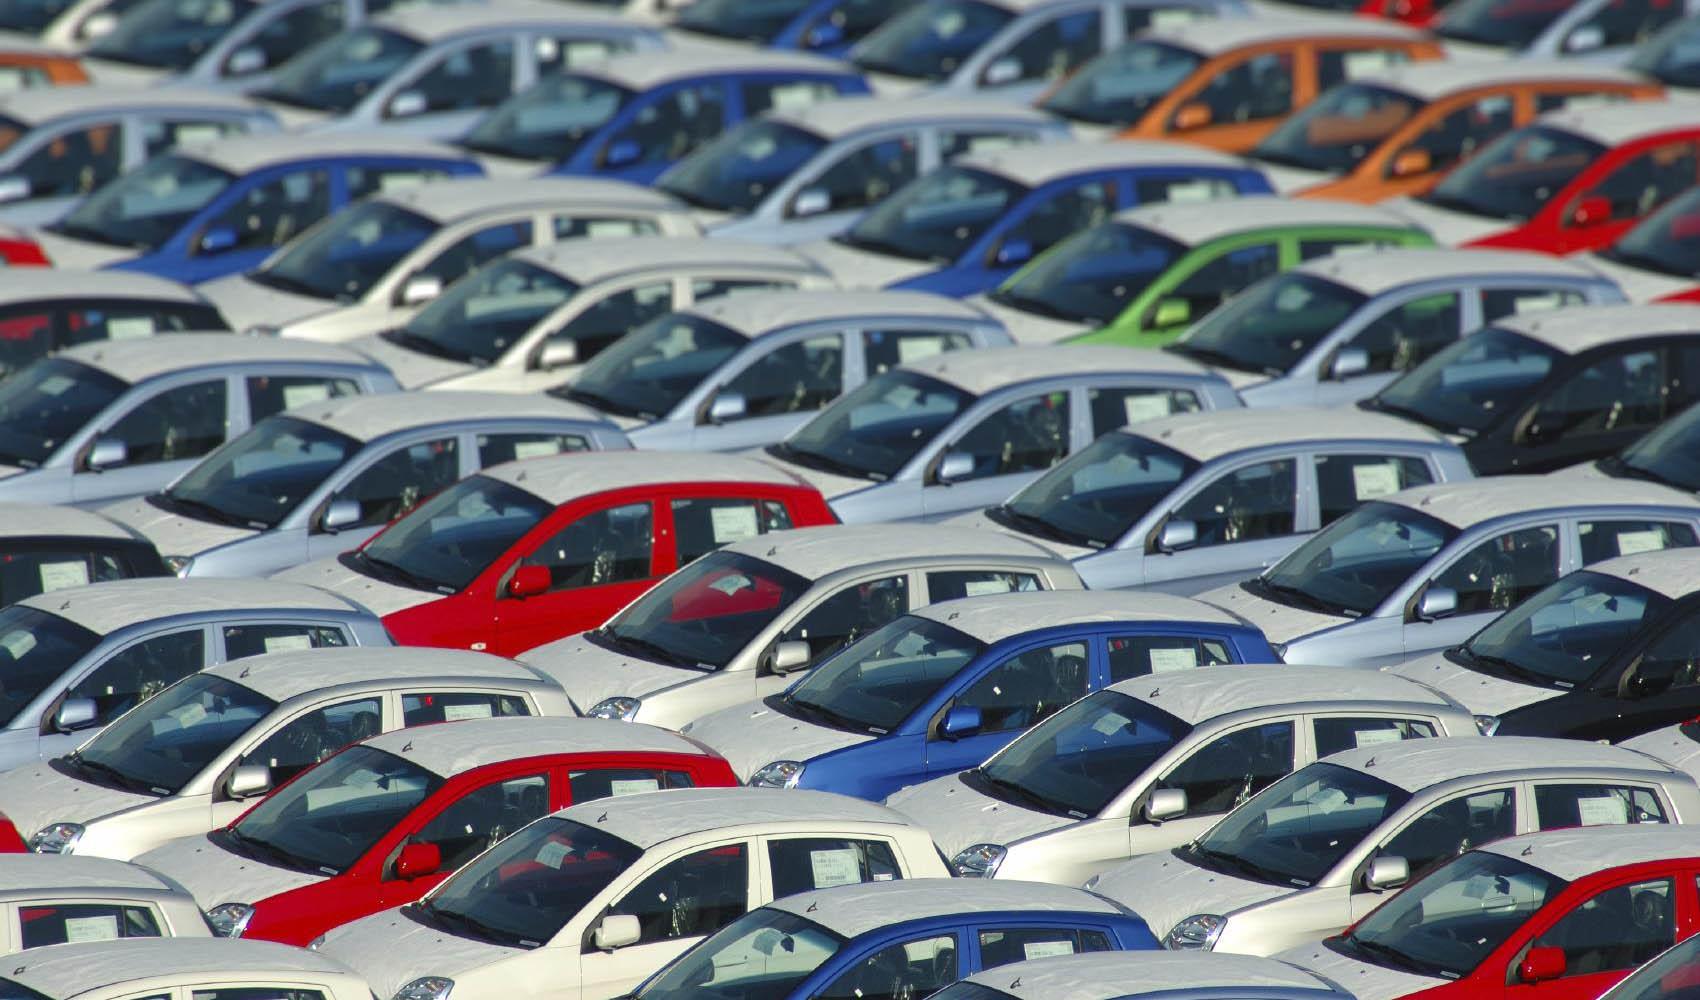 مشکل اصلی بازار خودرو چیست؟